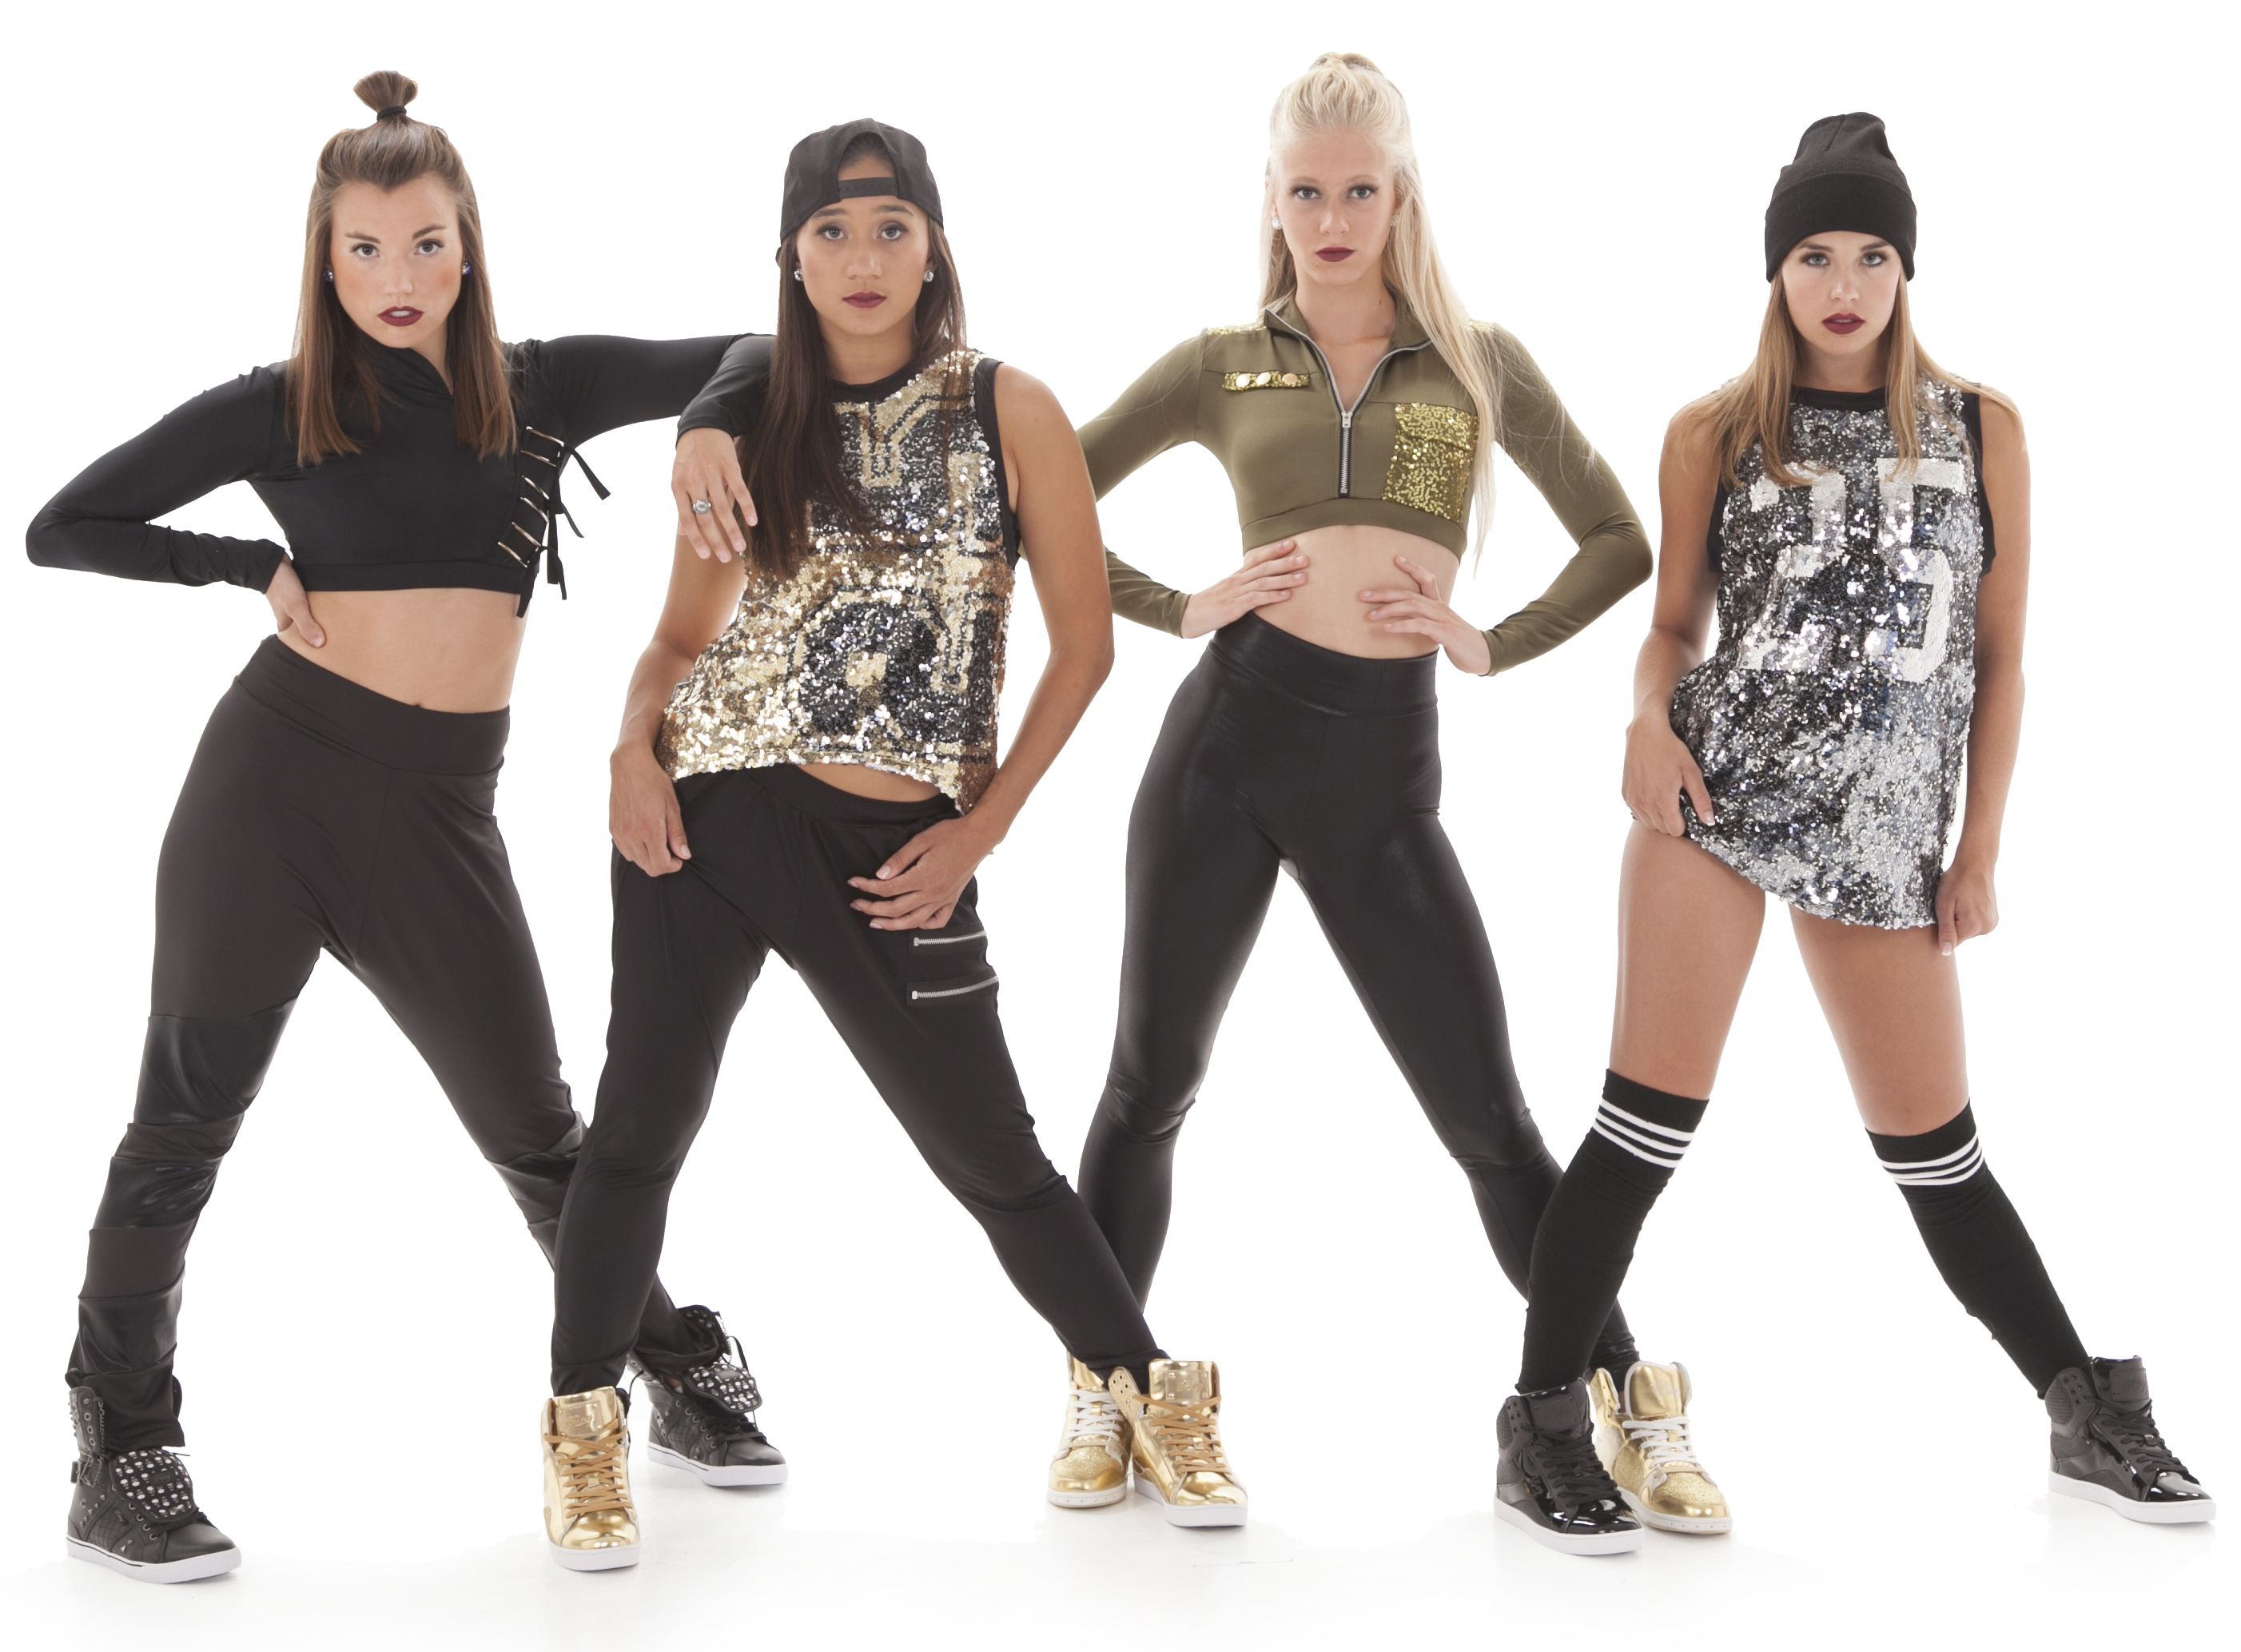 hip hop dance costumes harem pants leggings shorts. Black Bedroom Furniture Sets. Home Design Ideas